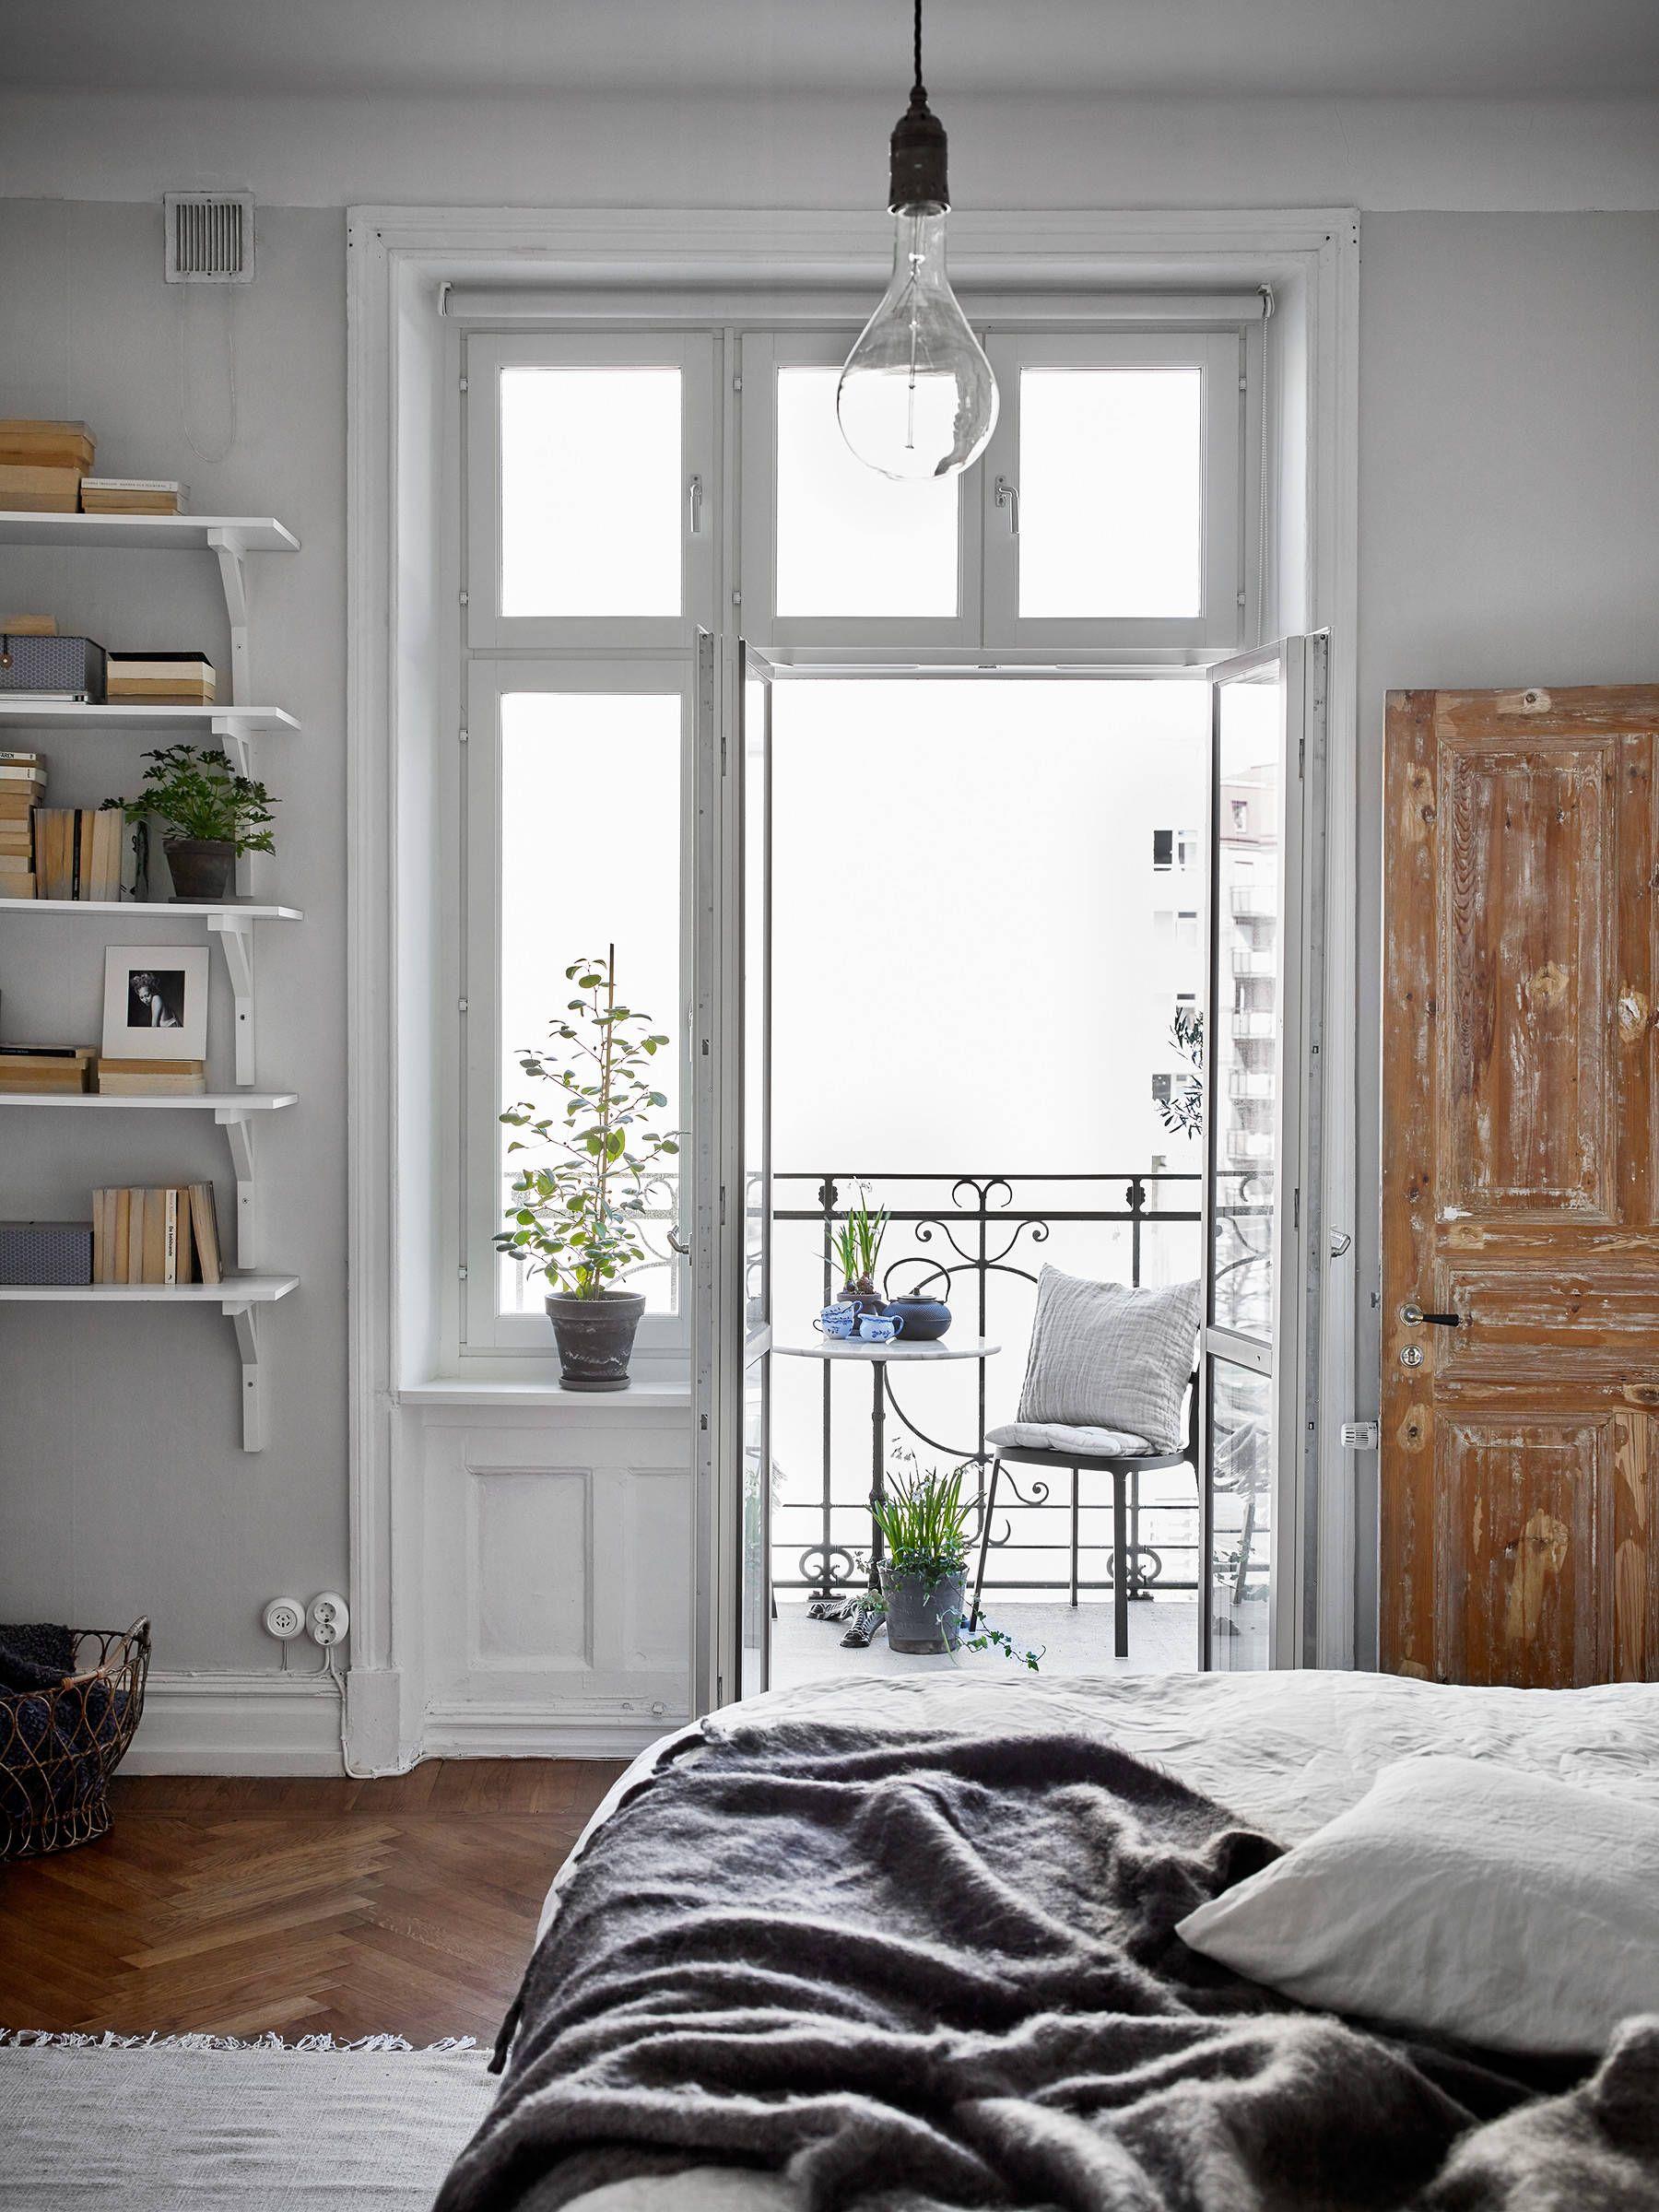 Pin von Eva Keller auf Ideen rund ums Haus | Pinterest | Dörren ...